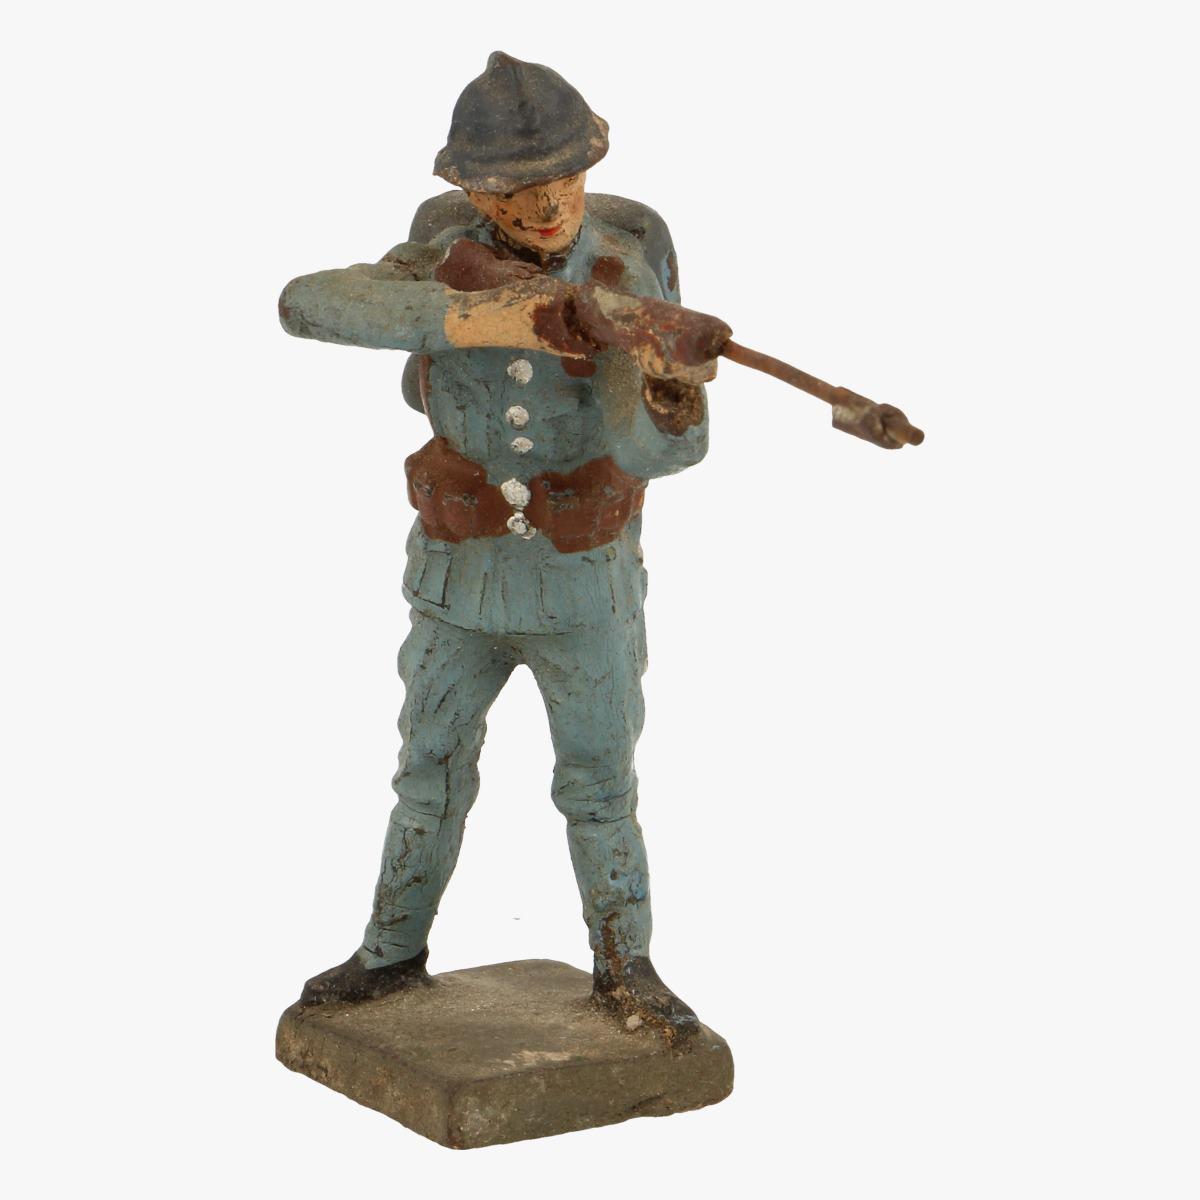 Afbeeldingen van elastolin soldaatjes lineol Germany